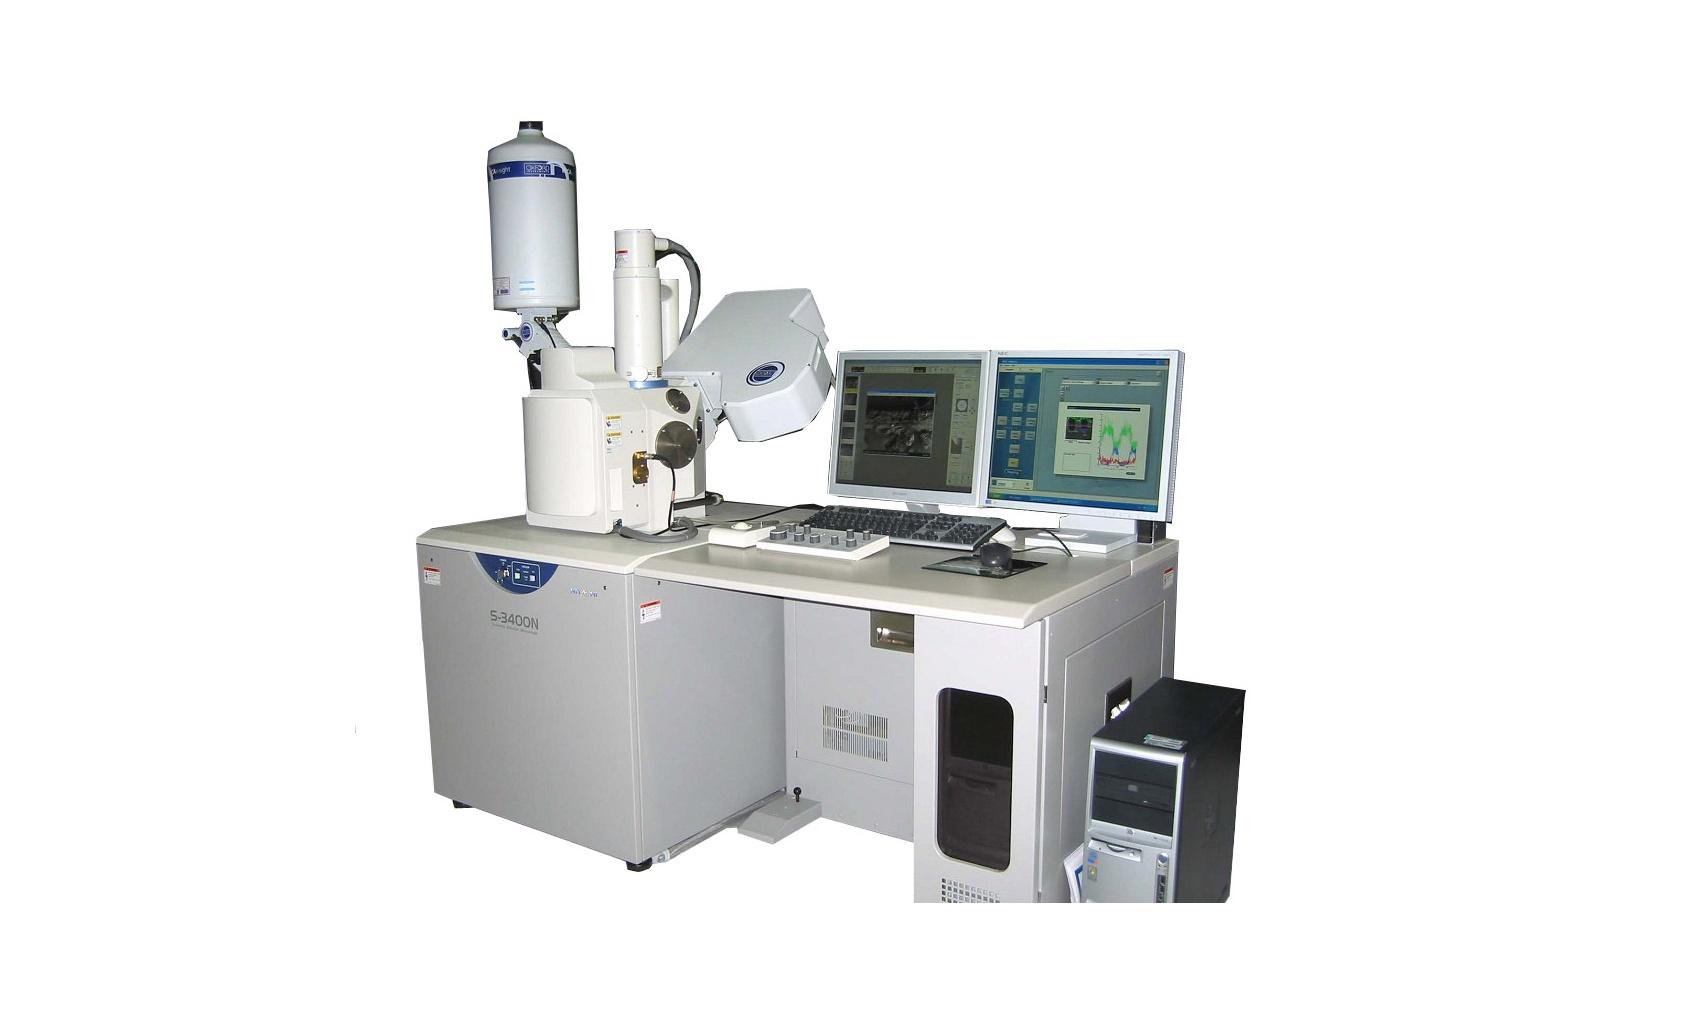 河南科技大学扫描电子显微镜等仪器设备采购项目招标